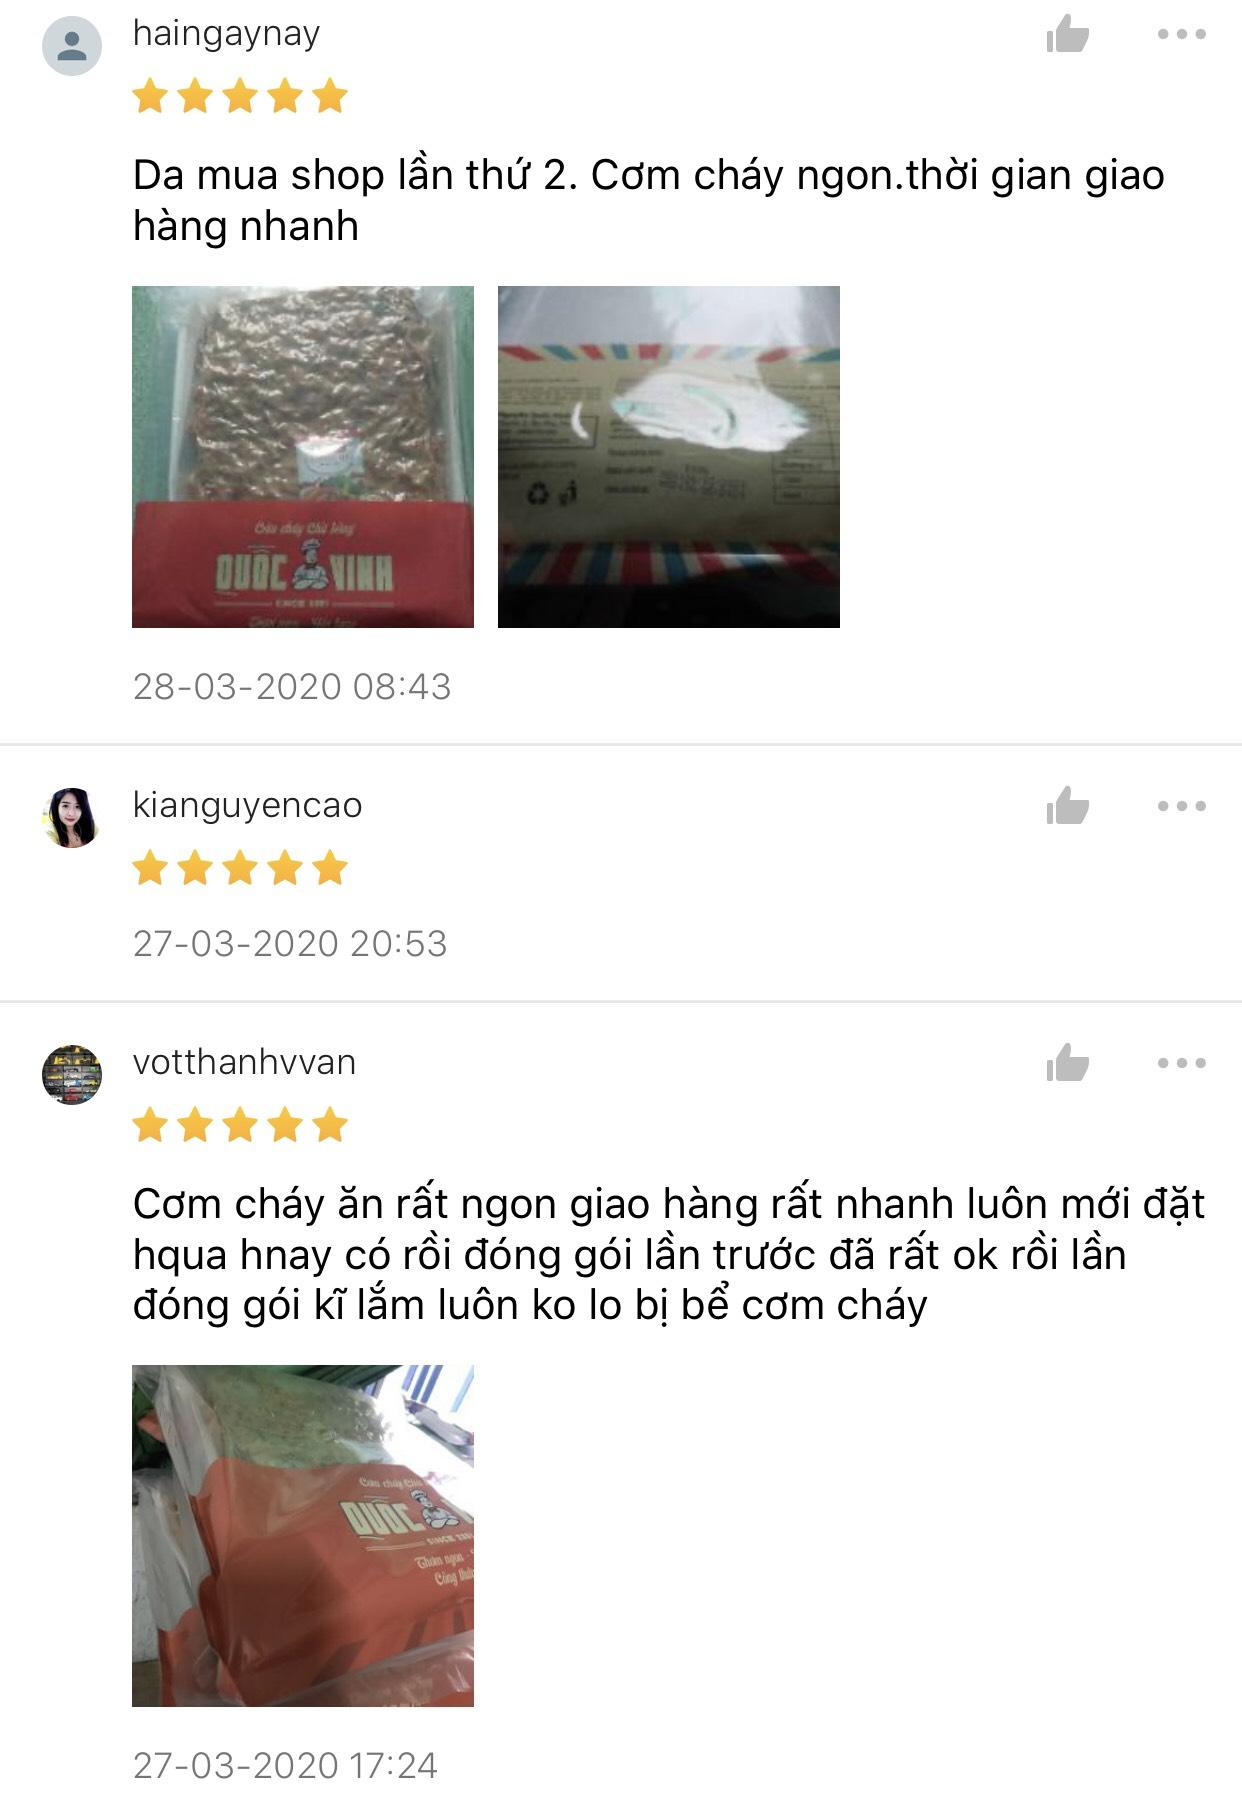 review của khách hàng mua cơm cháy chà bông quốc vinh